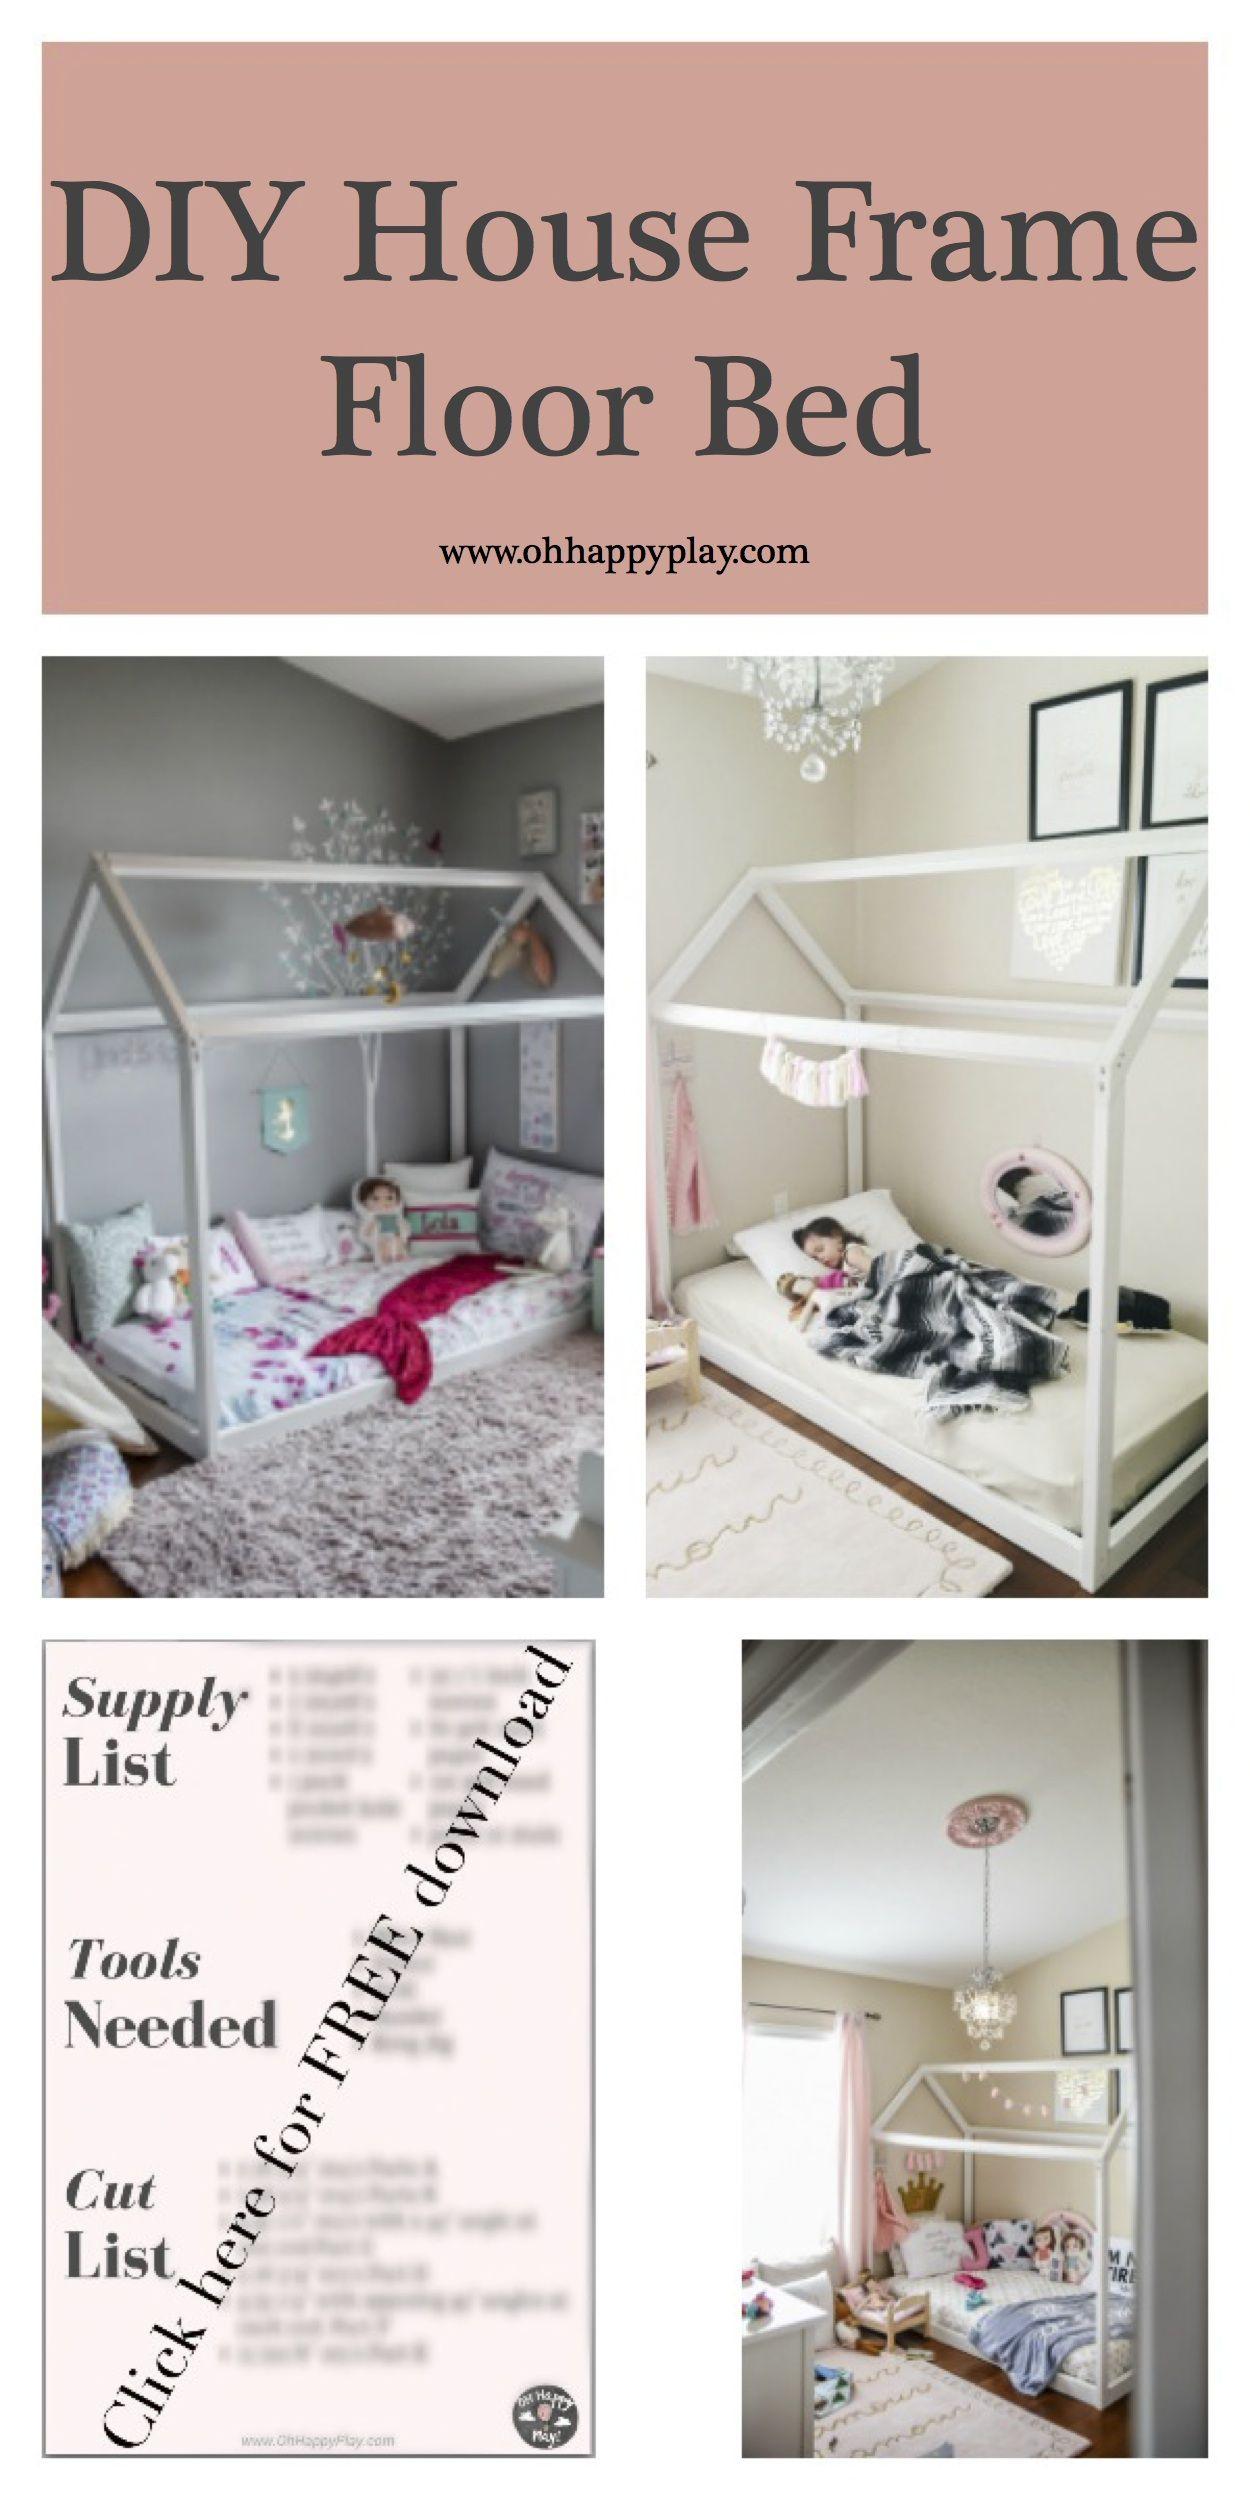 DIY House Frame Floor Bed Plan – D.I.Y -HOUSE-FRAME-FLOOR-BED-PLANS- Montessori…